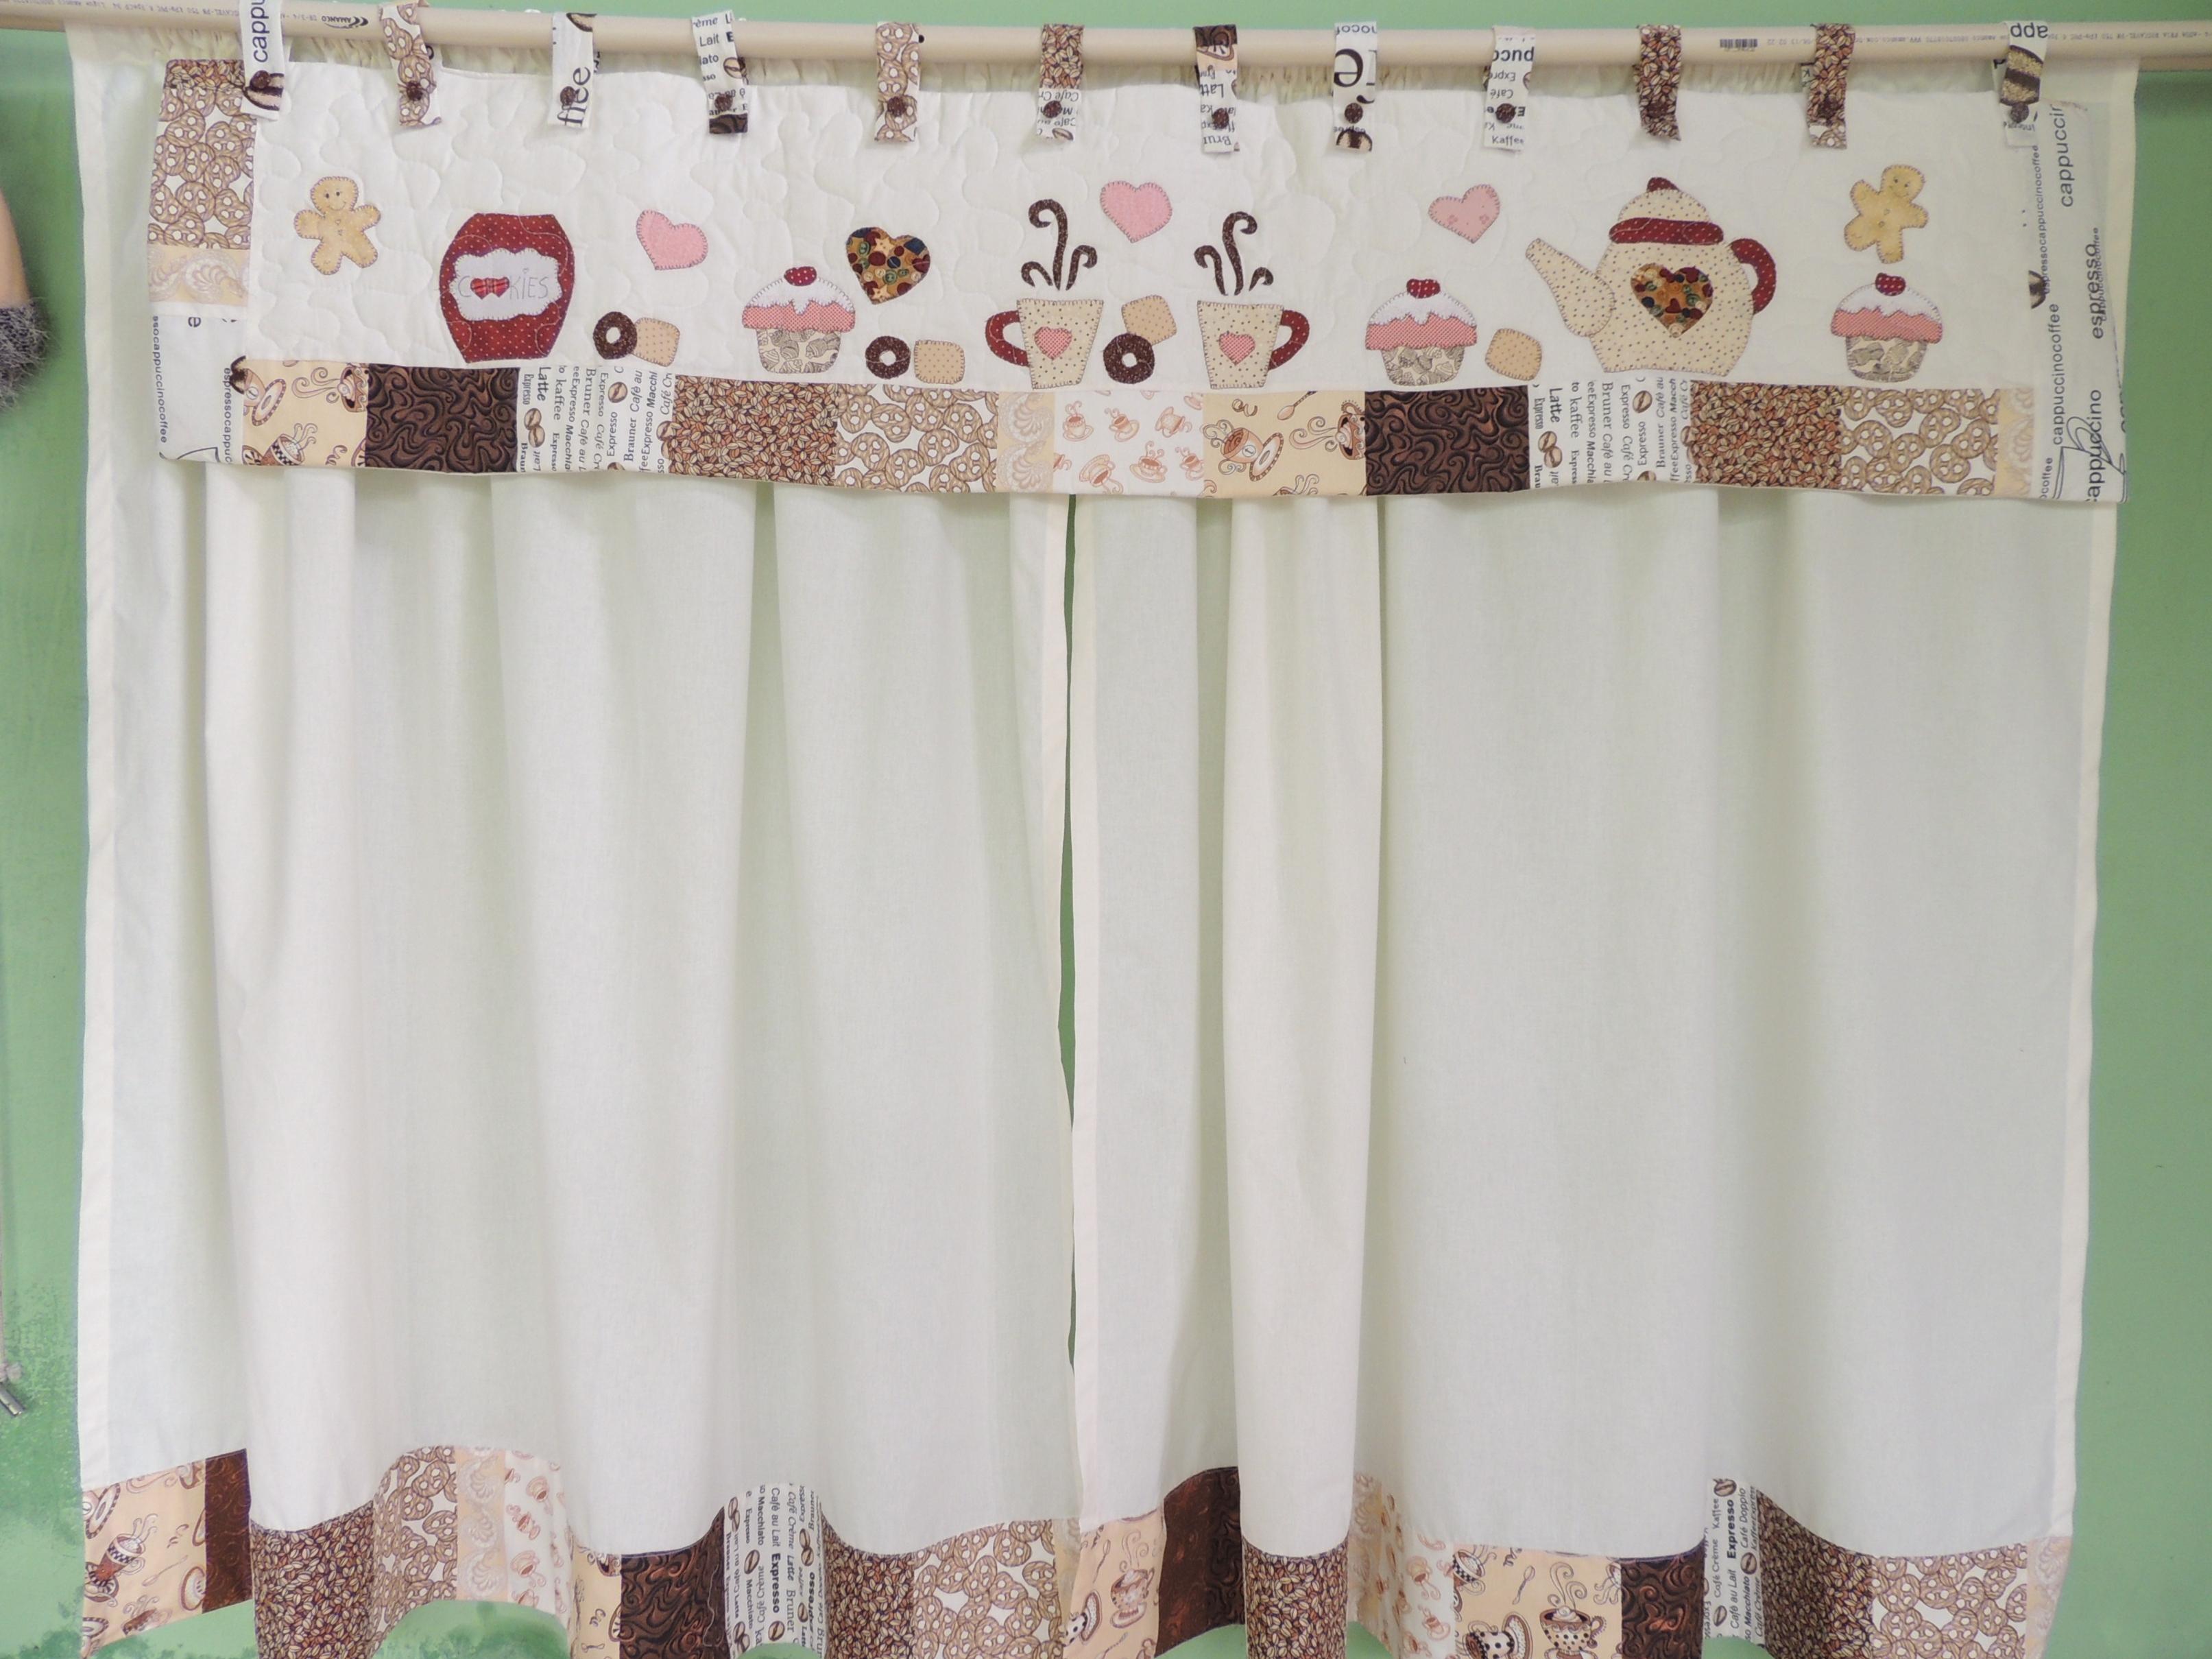 cortina para cozinha Patchwork branco